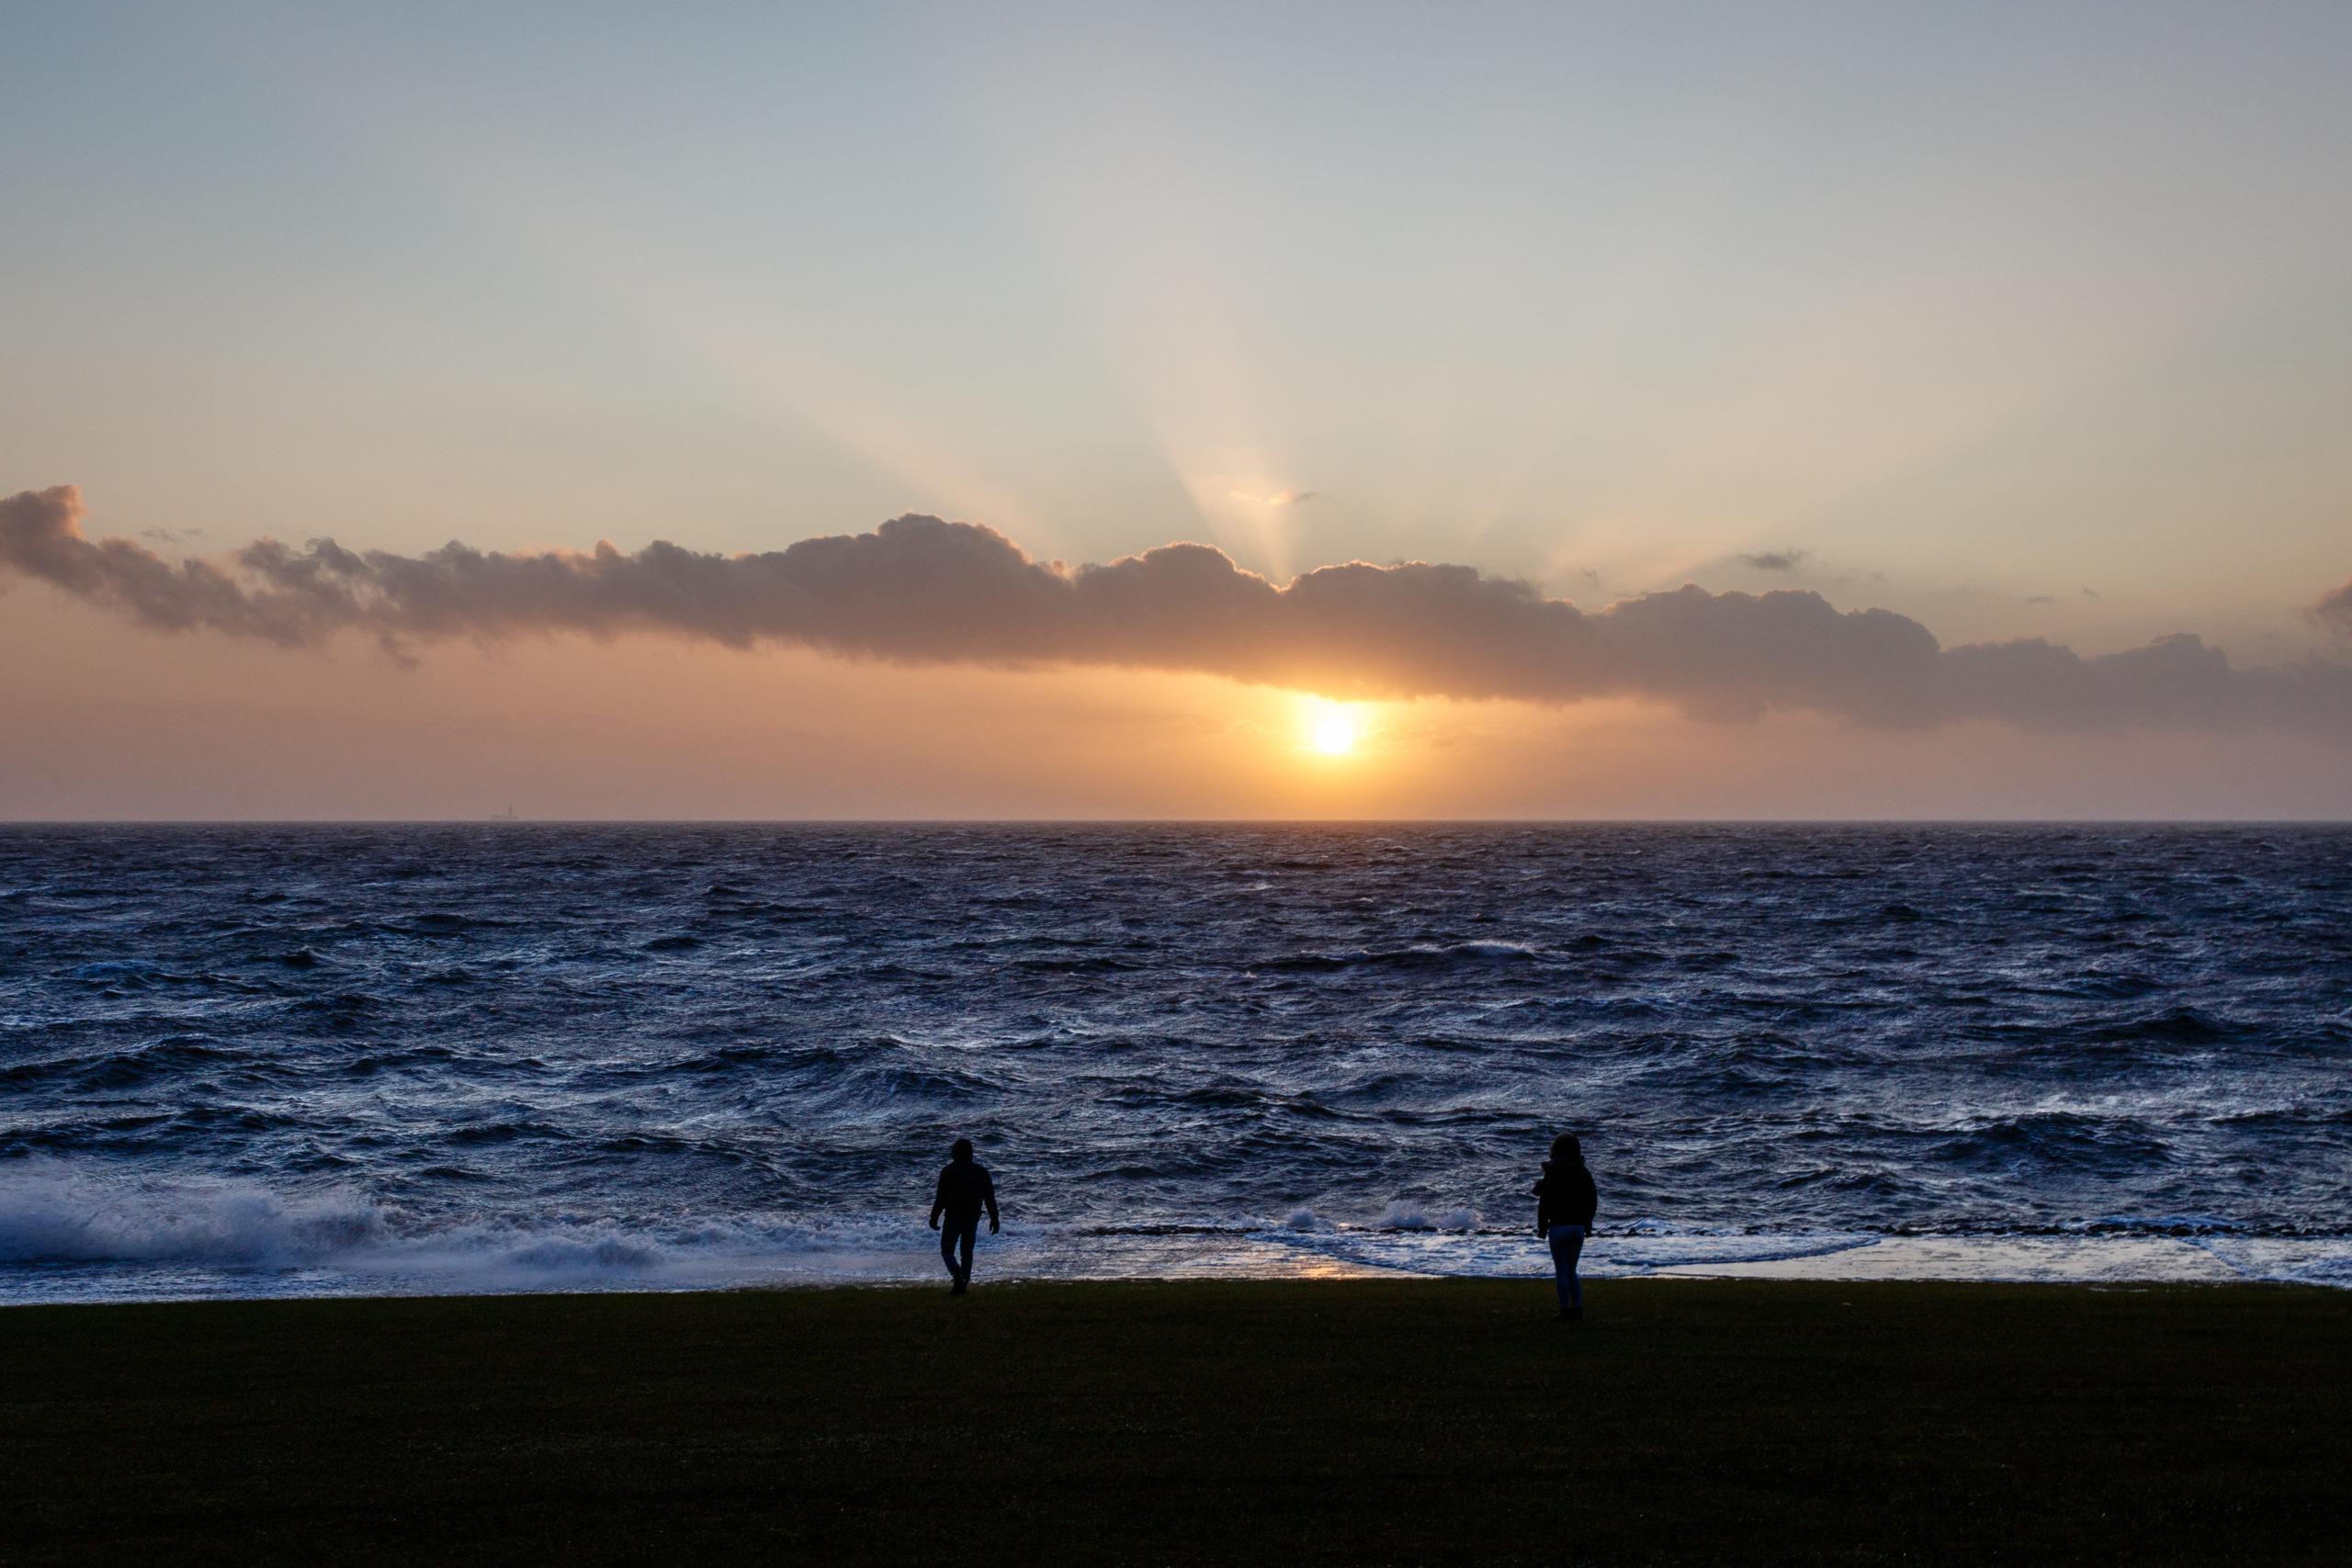 Zwei Menschen vor der untergehenden Sonne am Meer